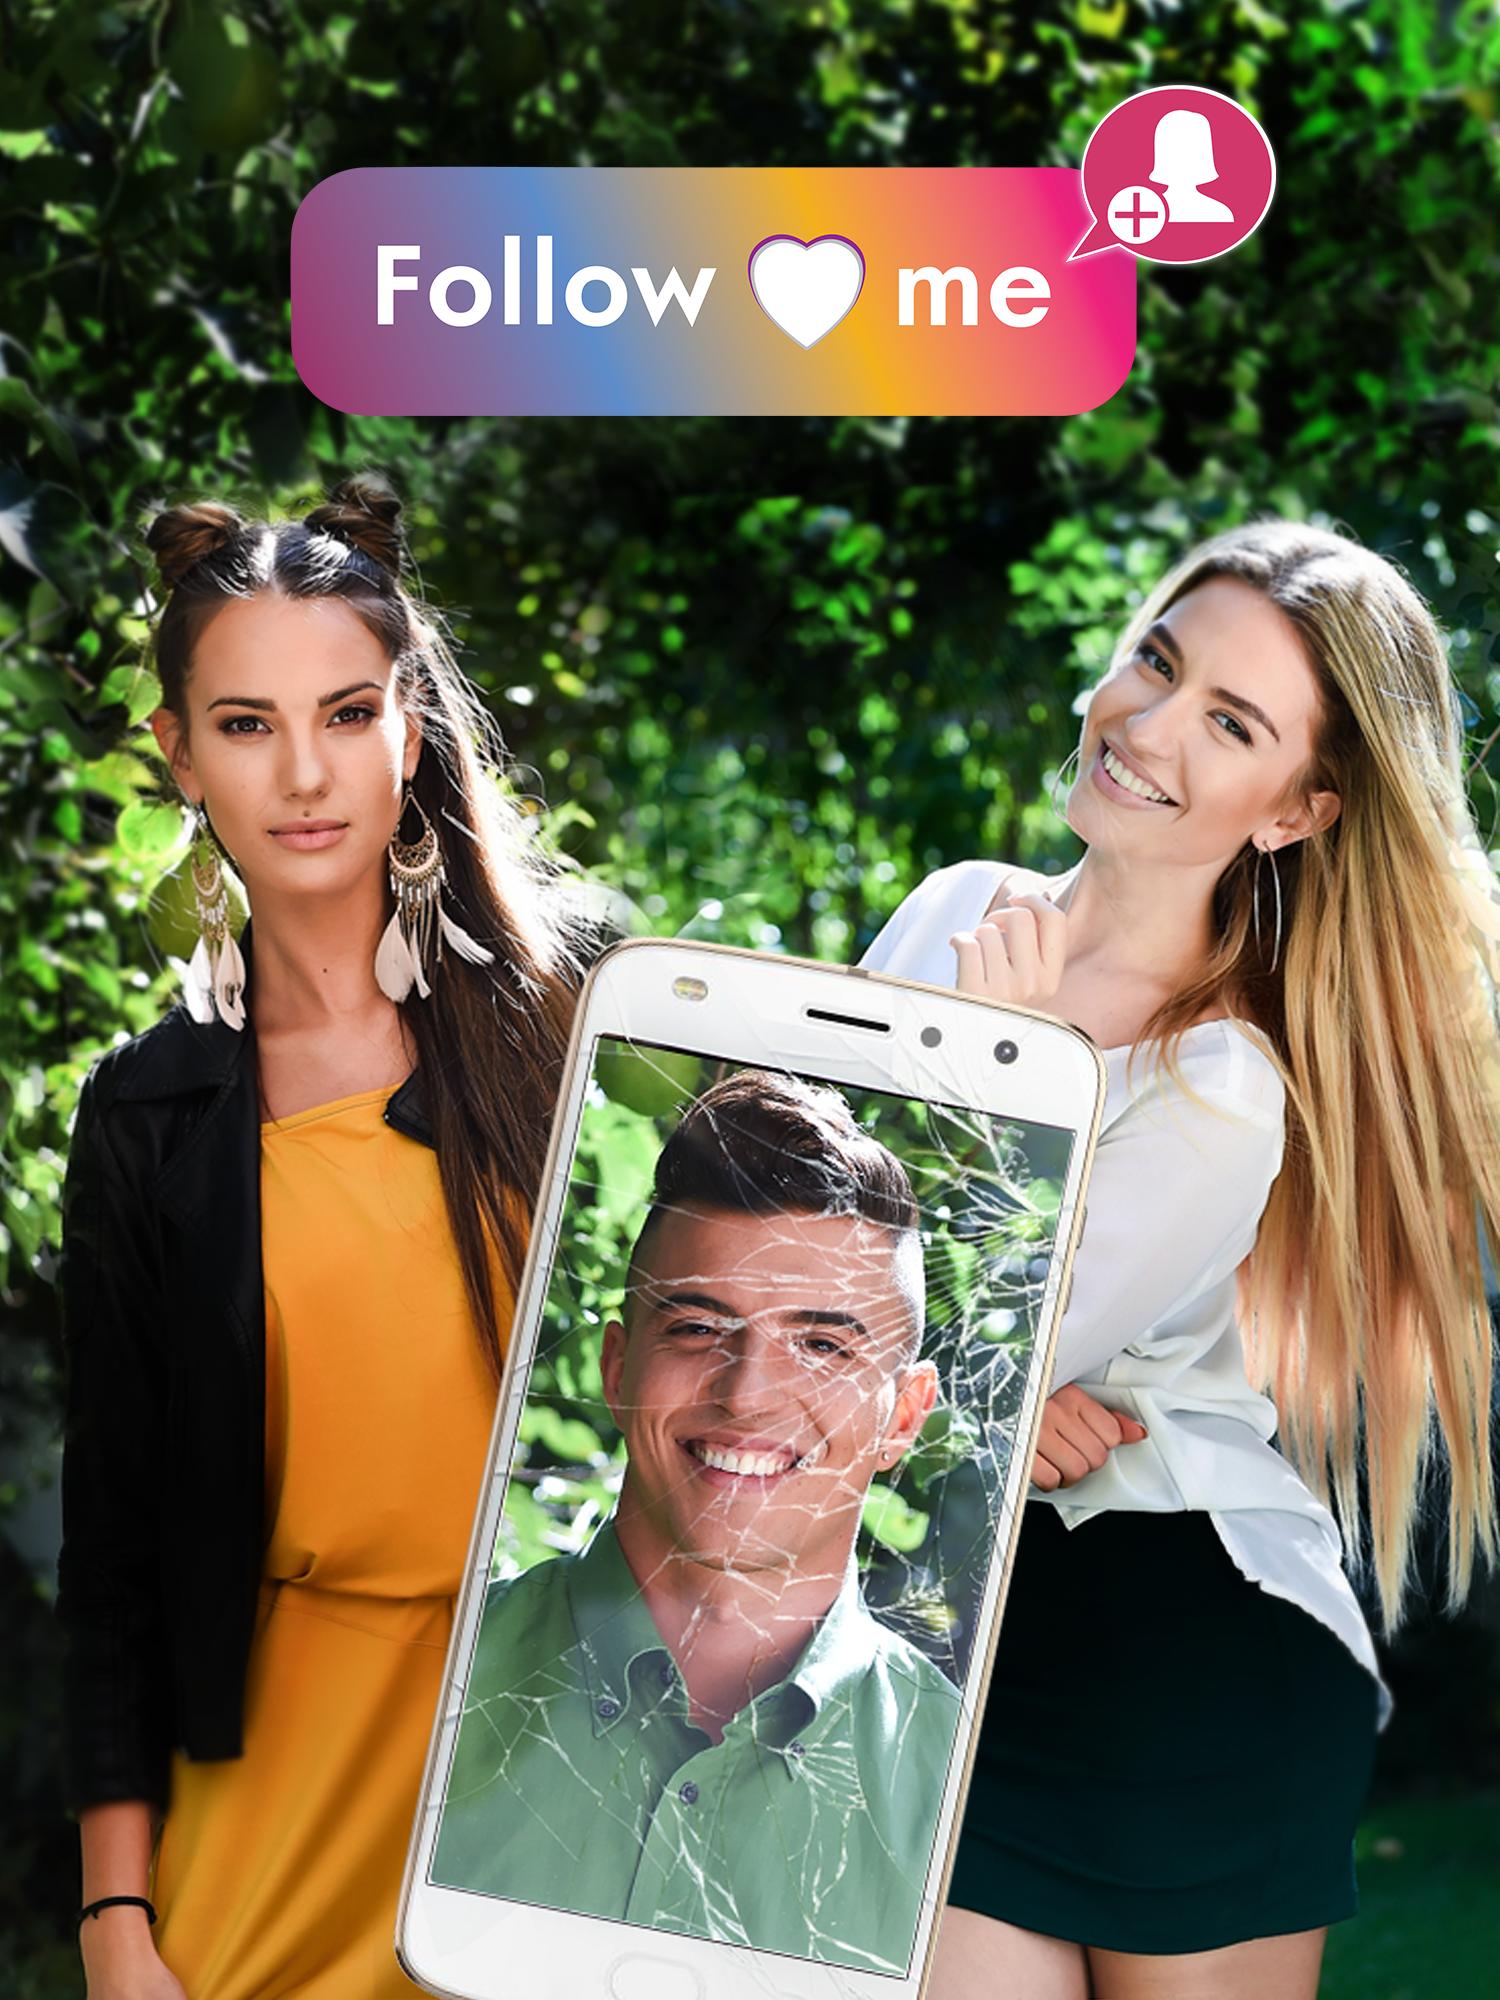 Follow_me_poster.png